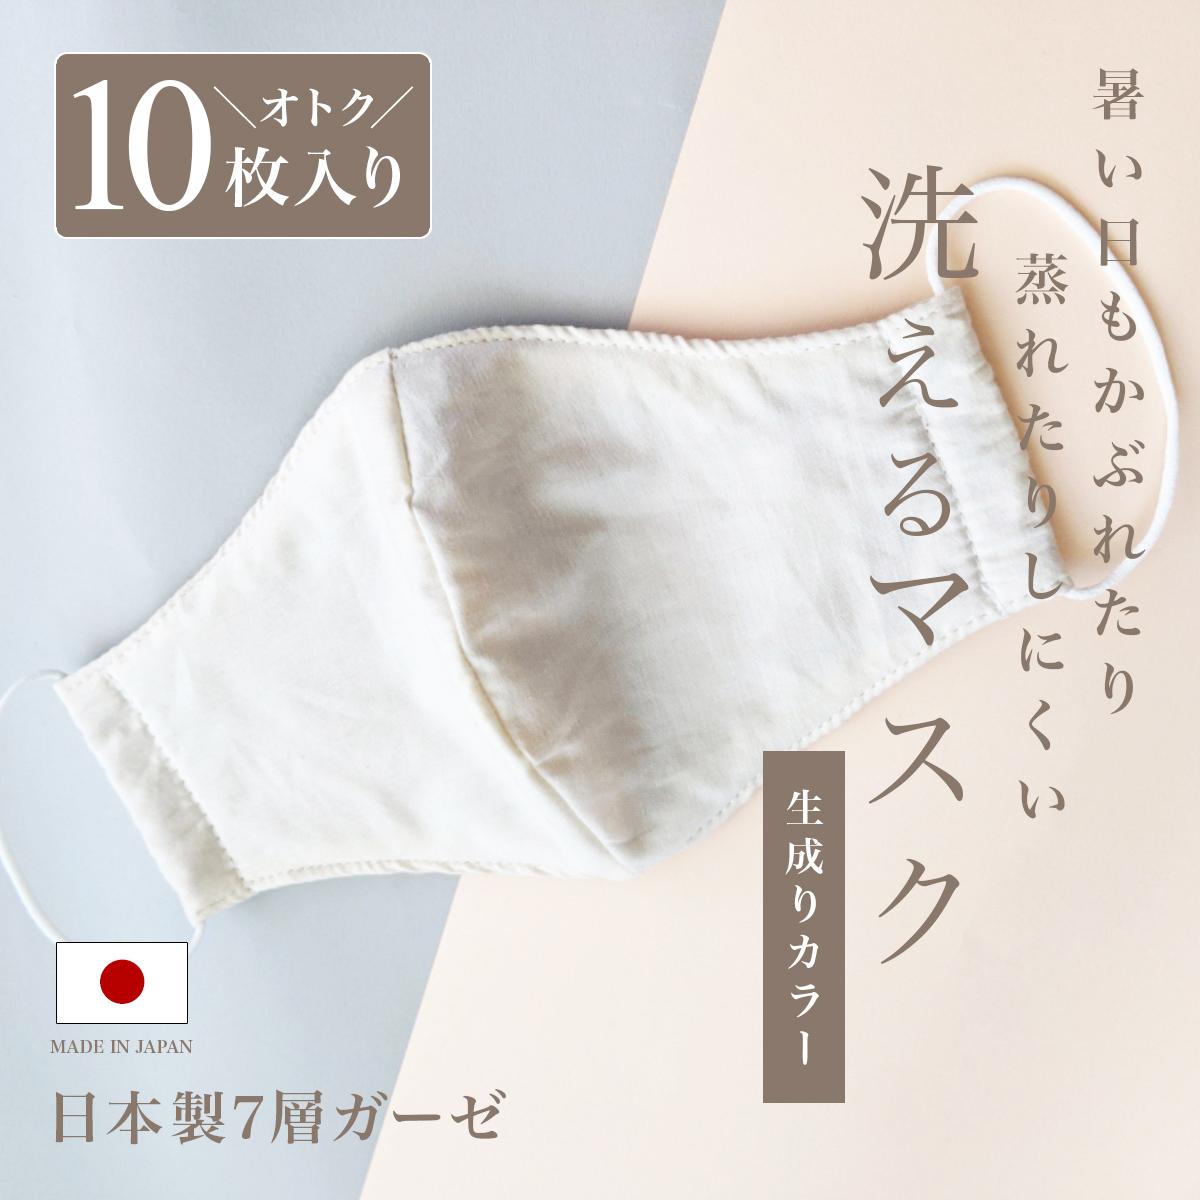 【10枚入り日本製】【1~2営業日後発送】洗えるマスク 肌に優しい最高級ガーゼ